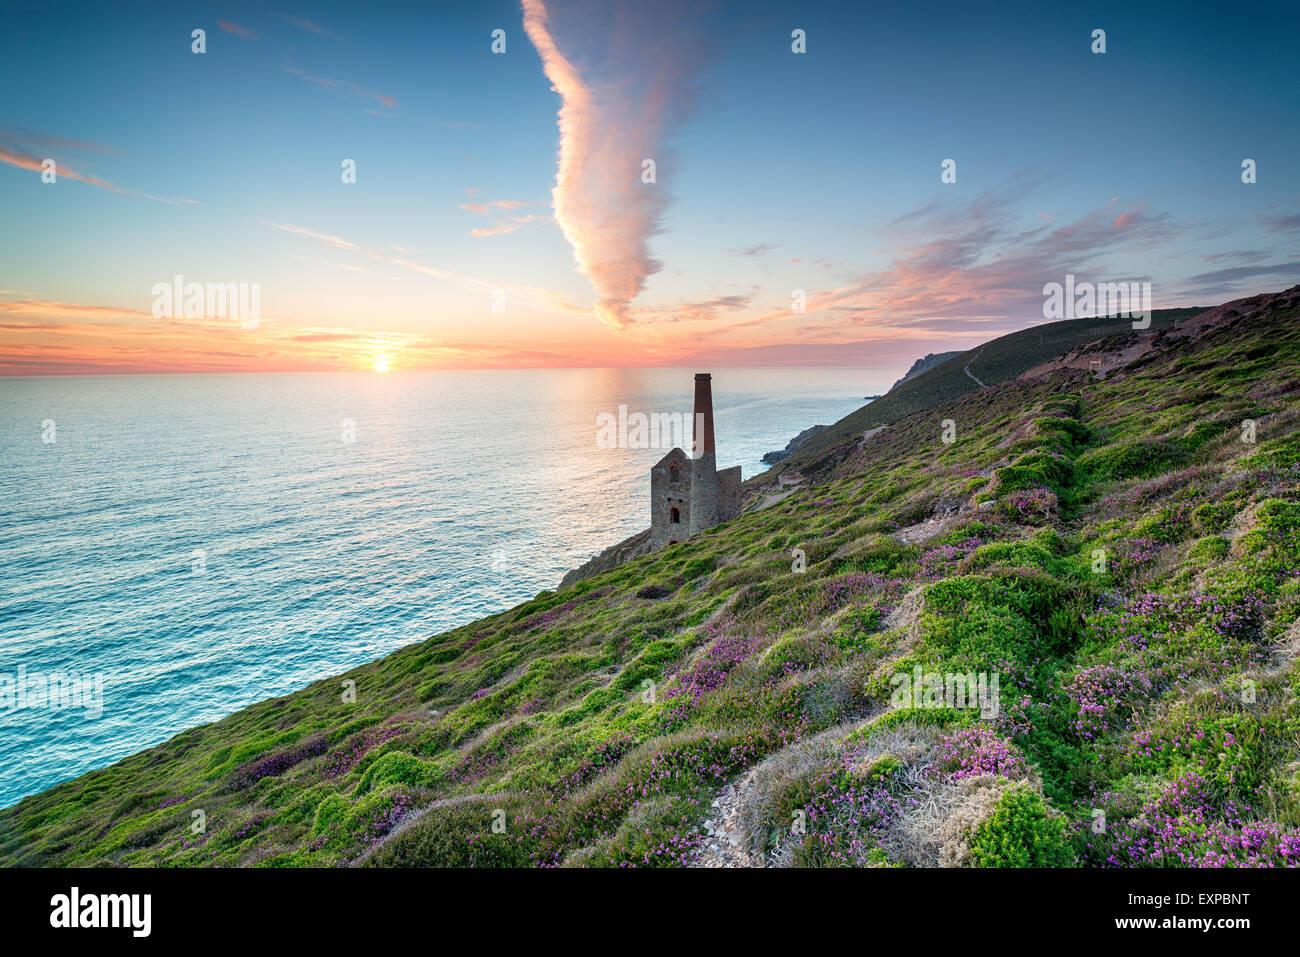 Puesta de sol en la costa de Cornwall en Santa Inés, mirando hacia la casa del motor Towanroath Imagen De Stock